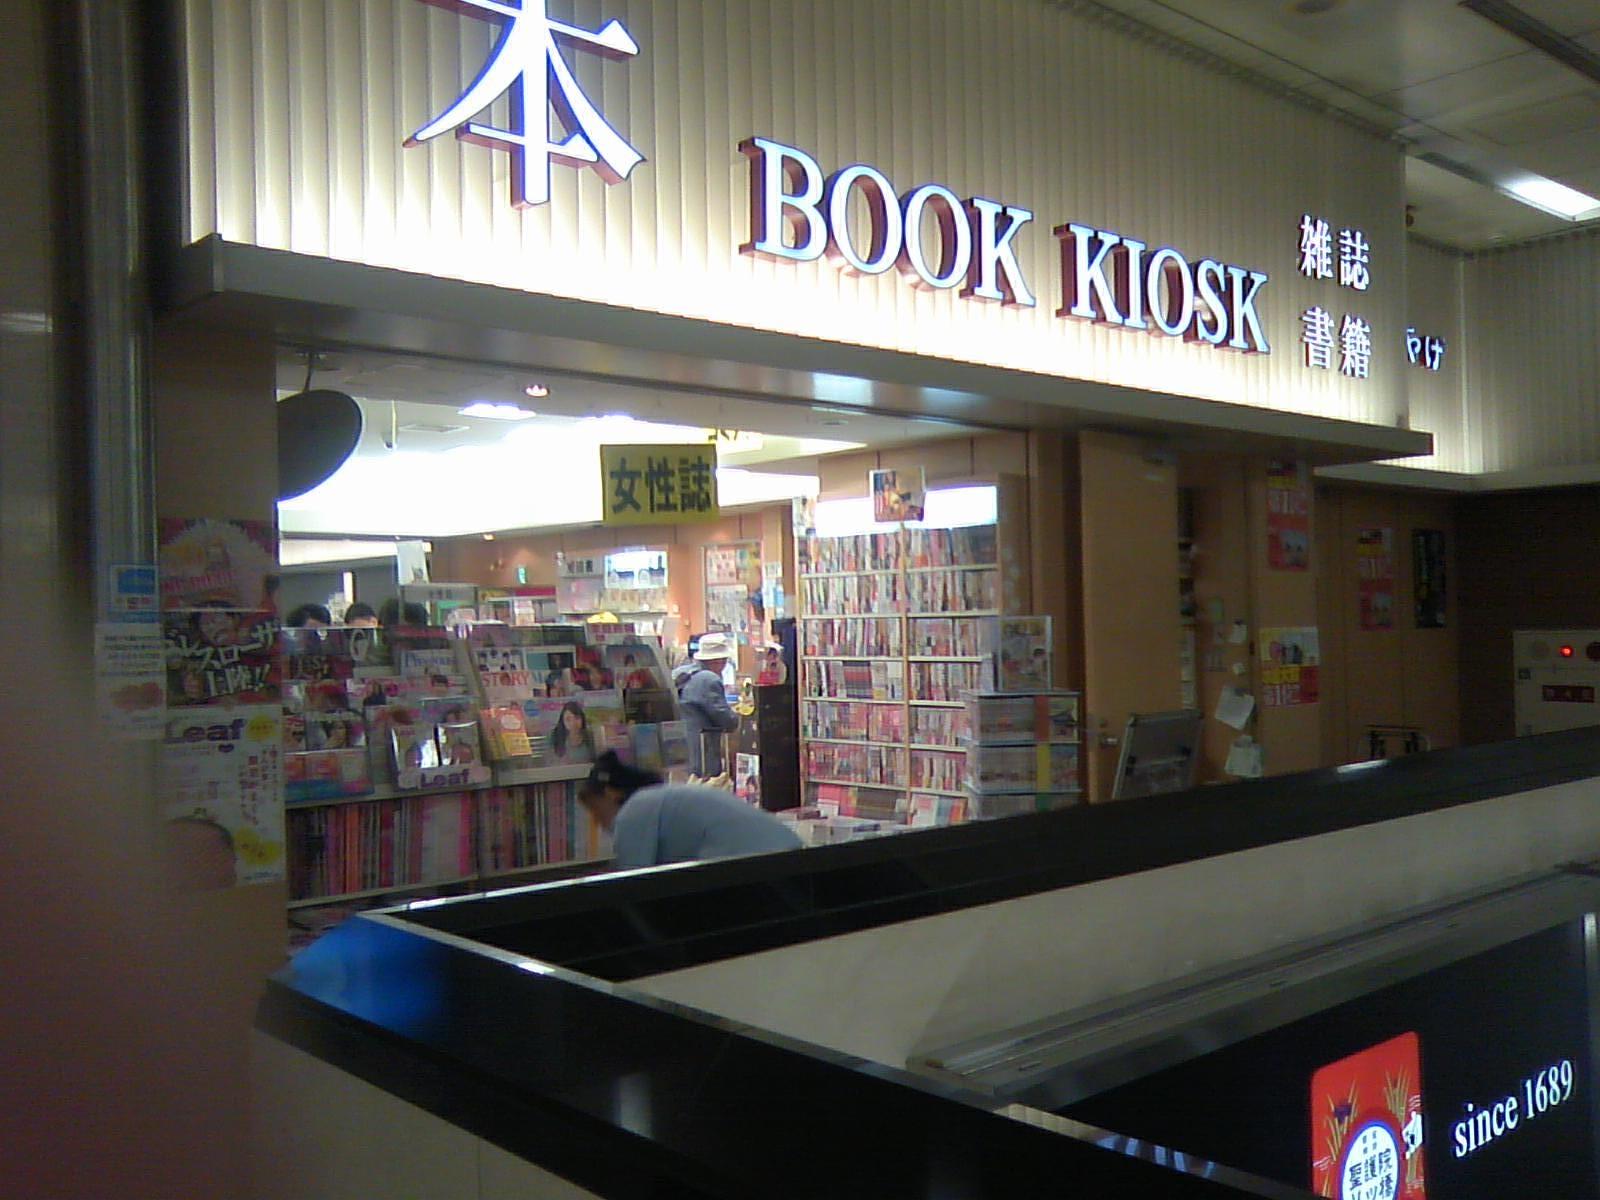 京都駅新幹線口キオスク